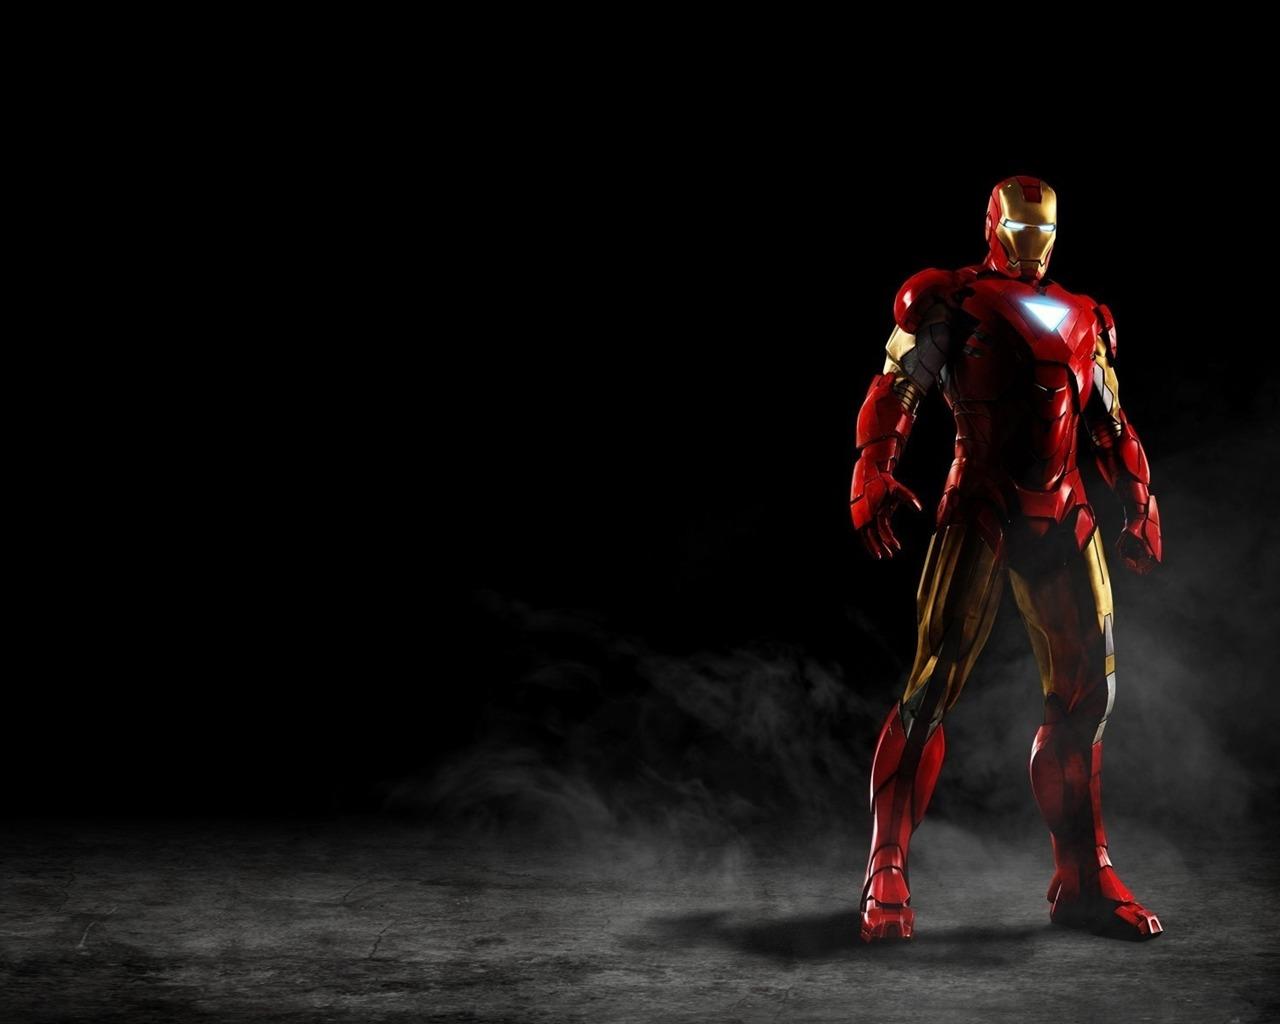 Iron Man 3 Hd Wallpapers High Resolution: 2013 Iron Man 3 Movie HD Desktop Wallpaper 12 Preview